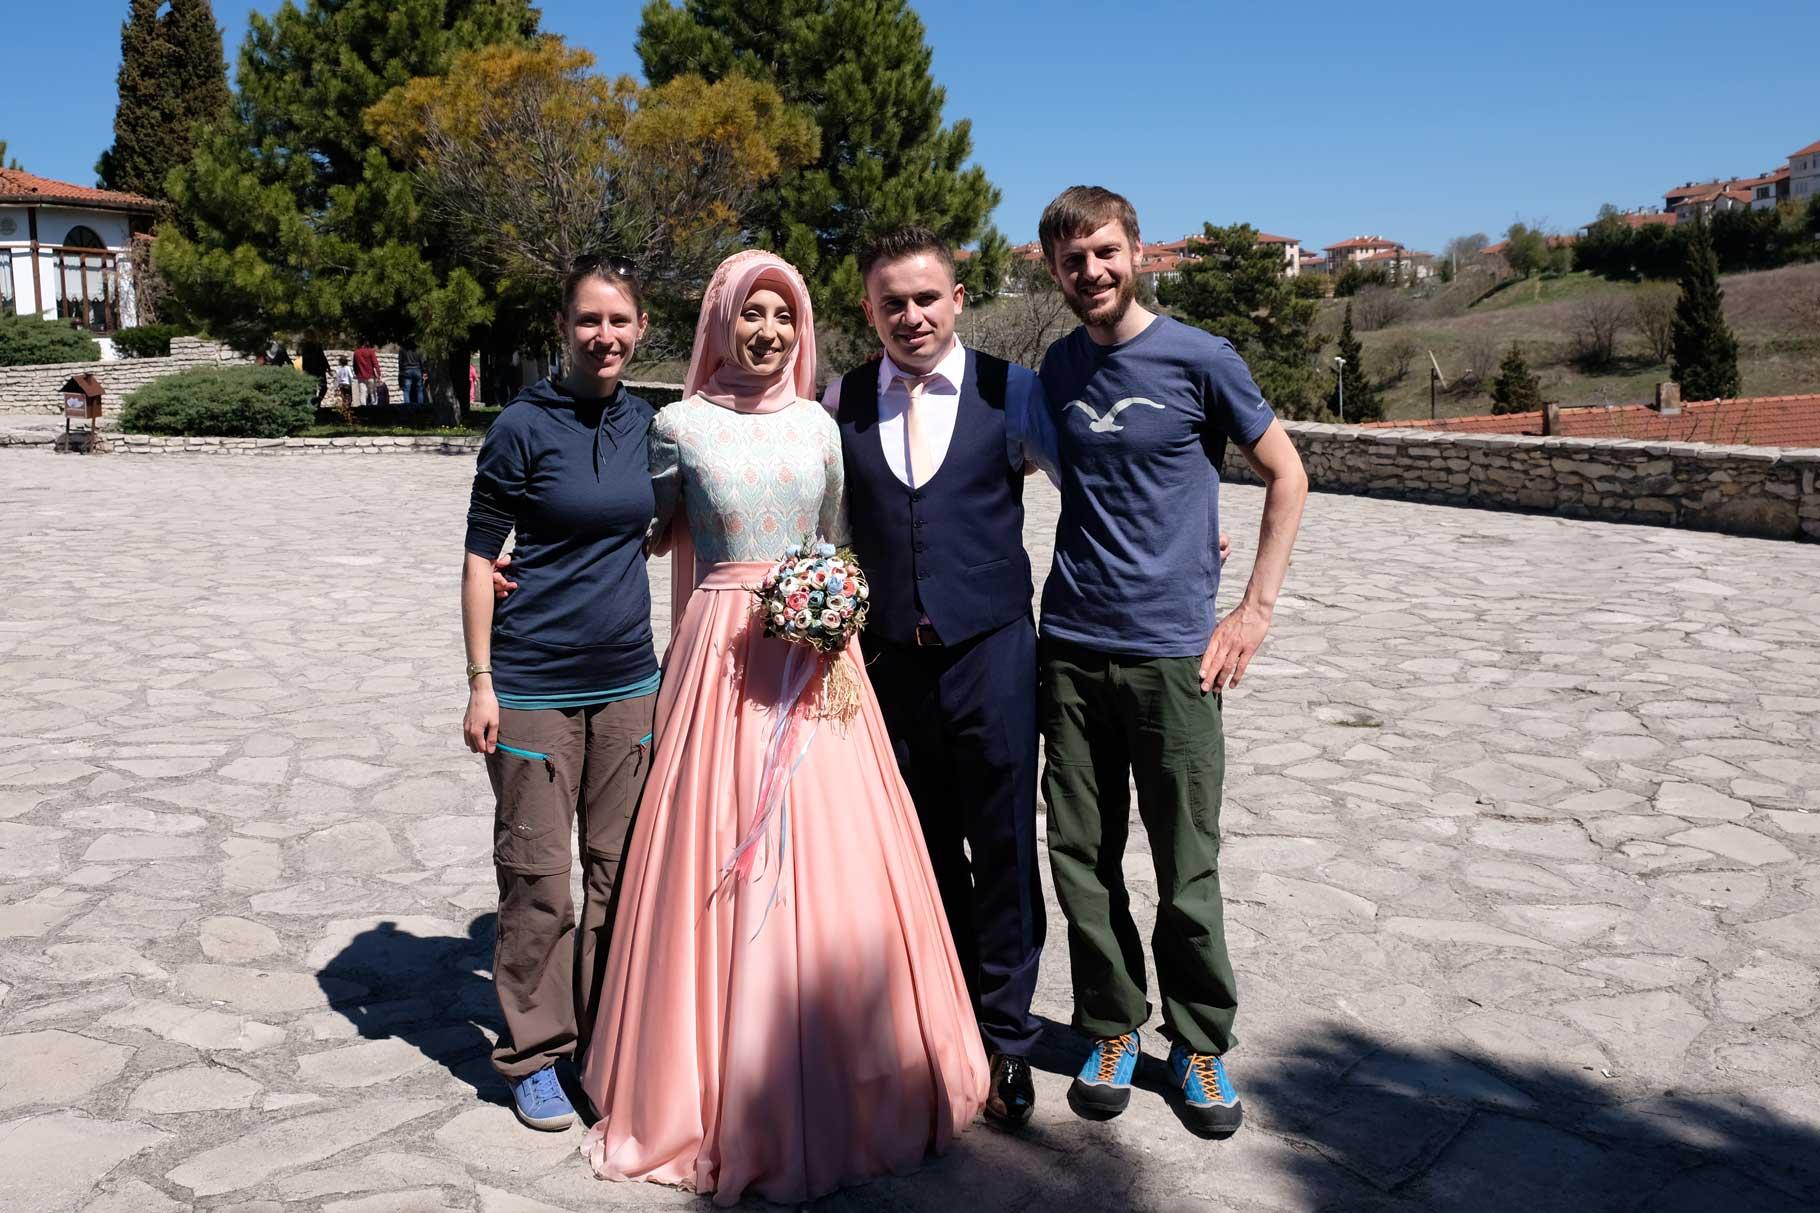 Ob das Foto wohl auch ins Hochzeitsalbum aufgenommen wird? :-)